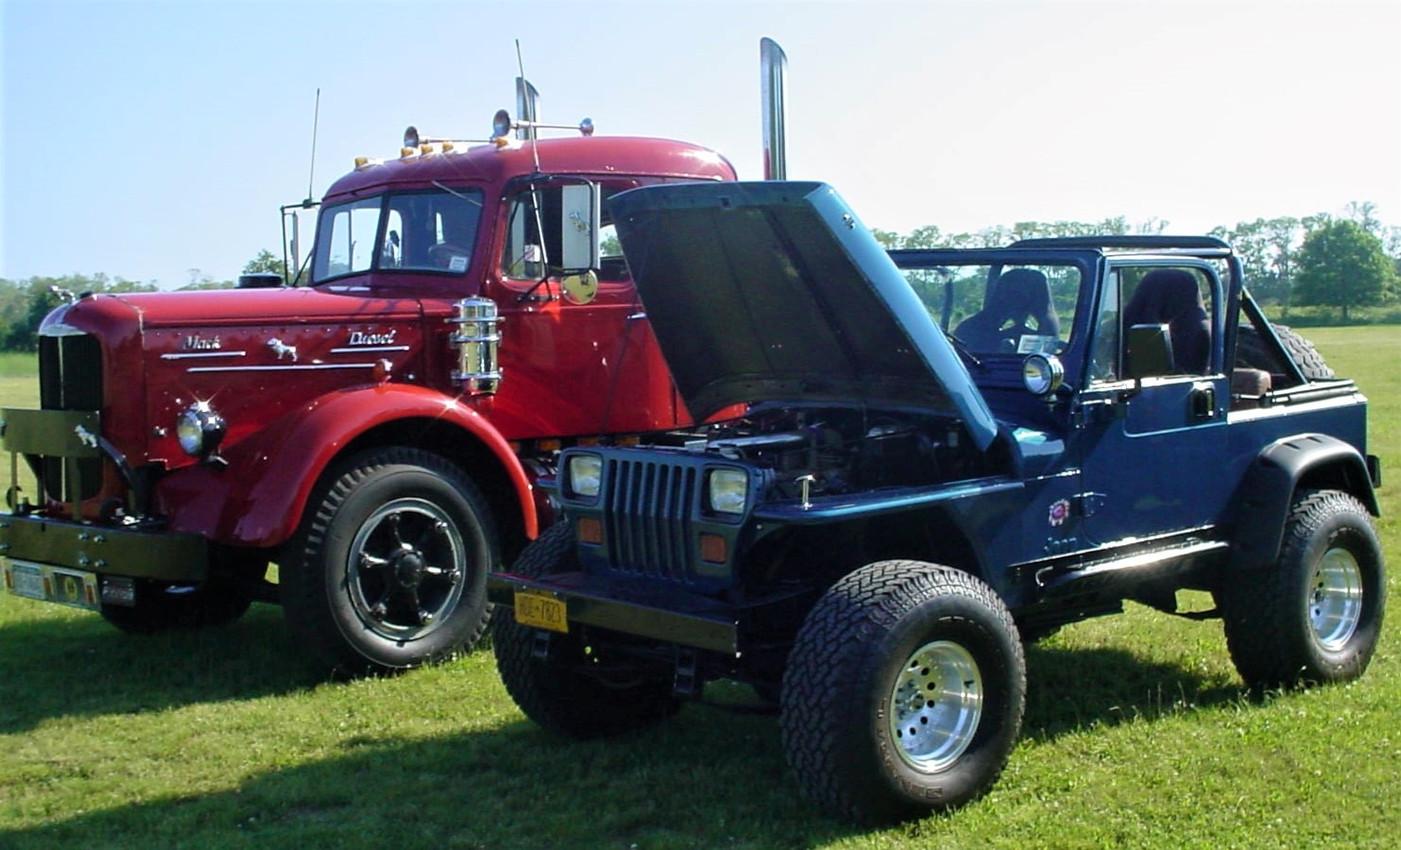 Jonathan Erb's 1949 Mack LJT tractor & 1988 YJ Jeep Wrangler w/Cummins diesel